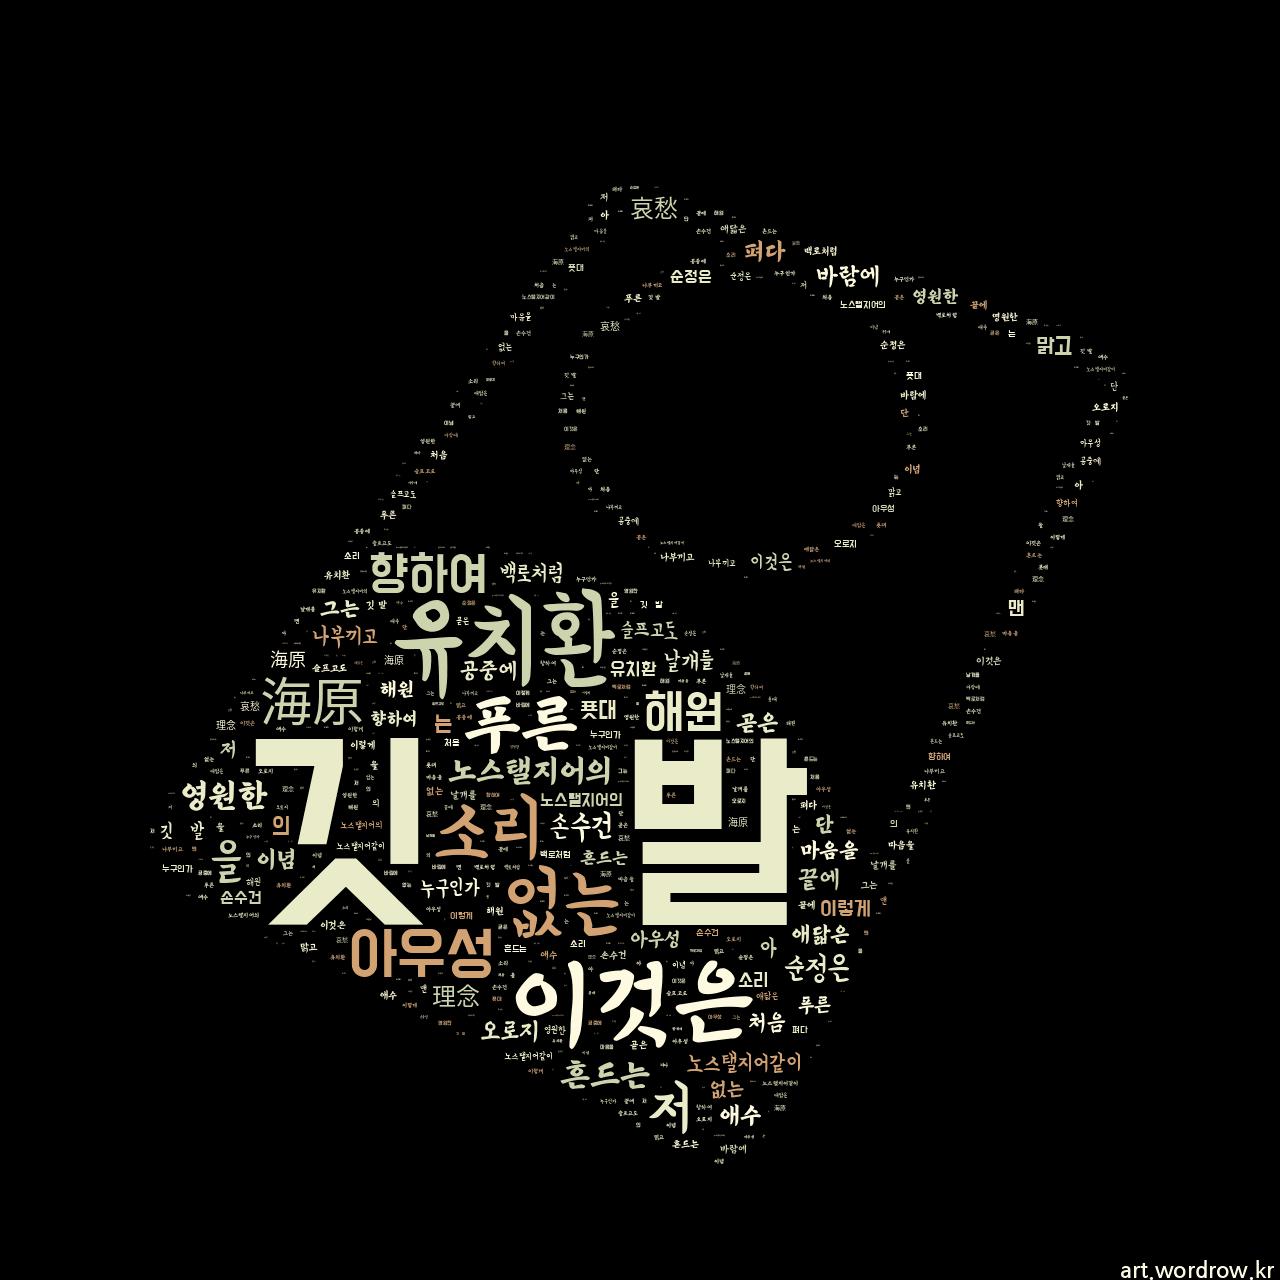 워드 아트: 깃 발 [유치환]-63